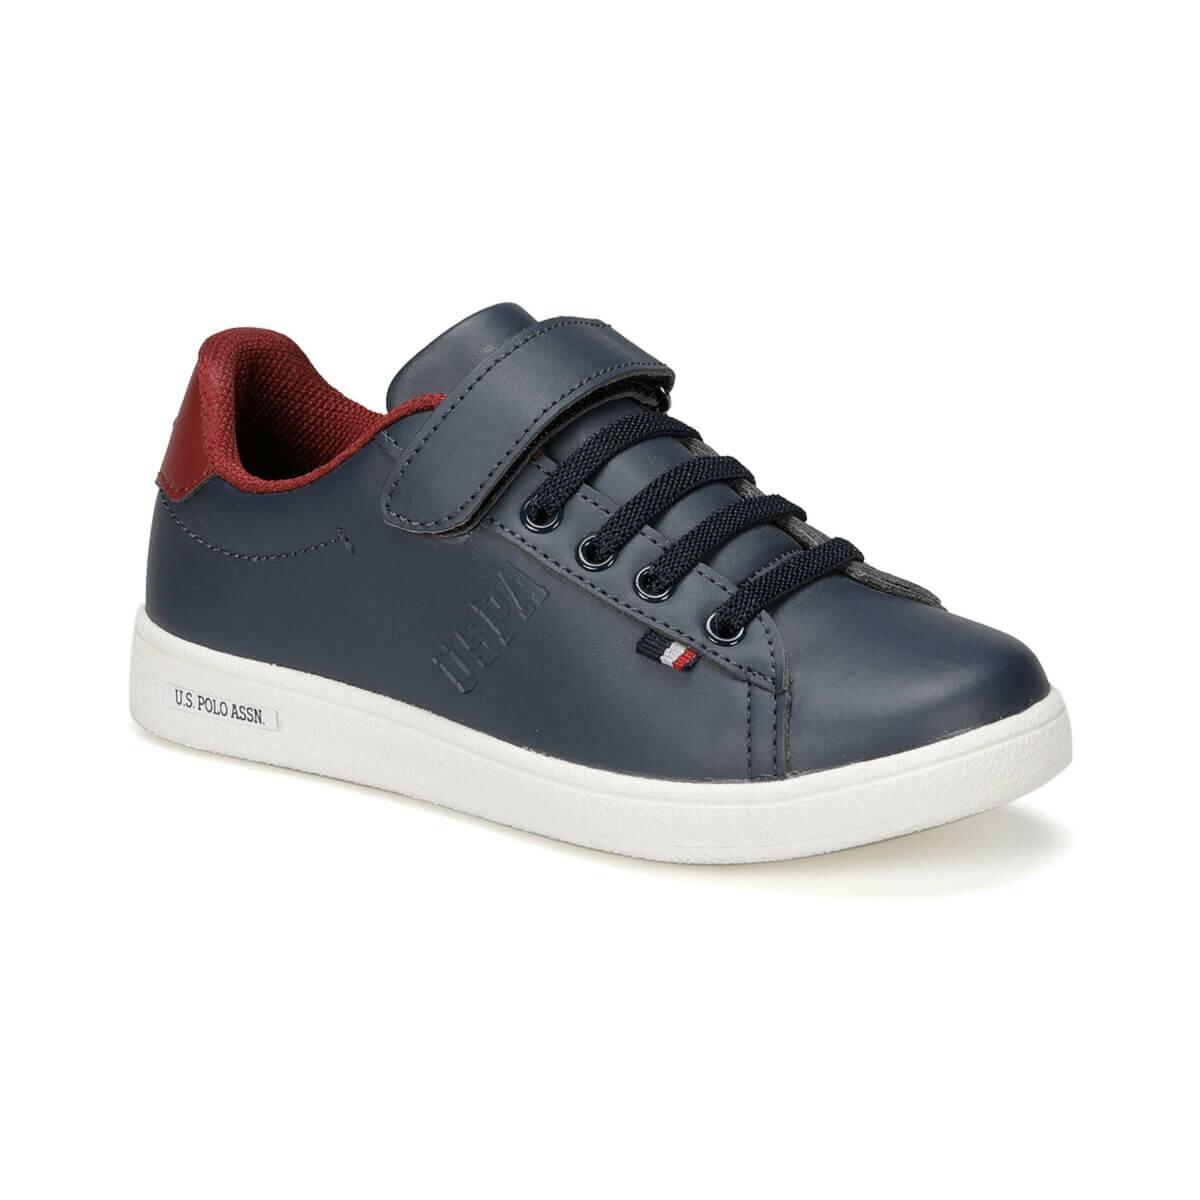 FLO FRANCO 9PR Navy Blue Male Child Shoes U.S. POLO ASSN.